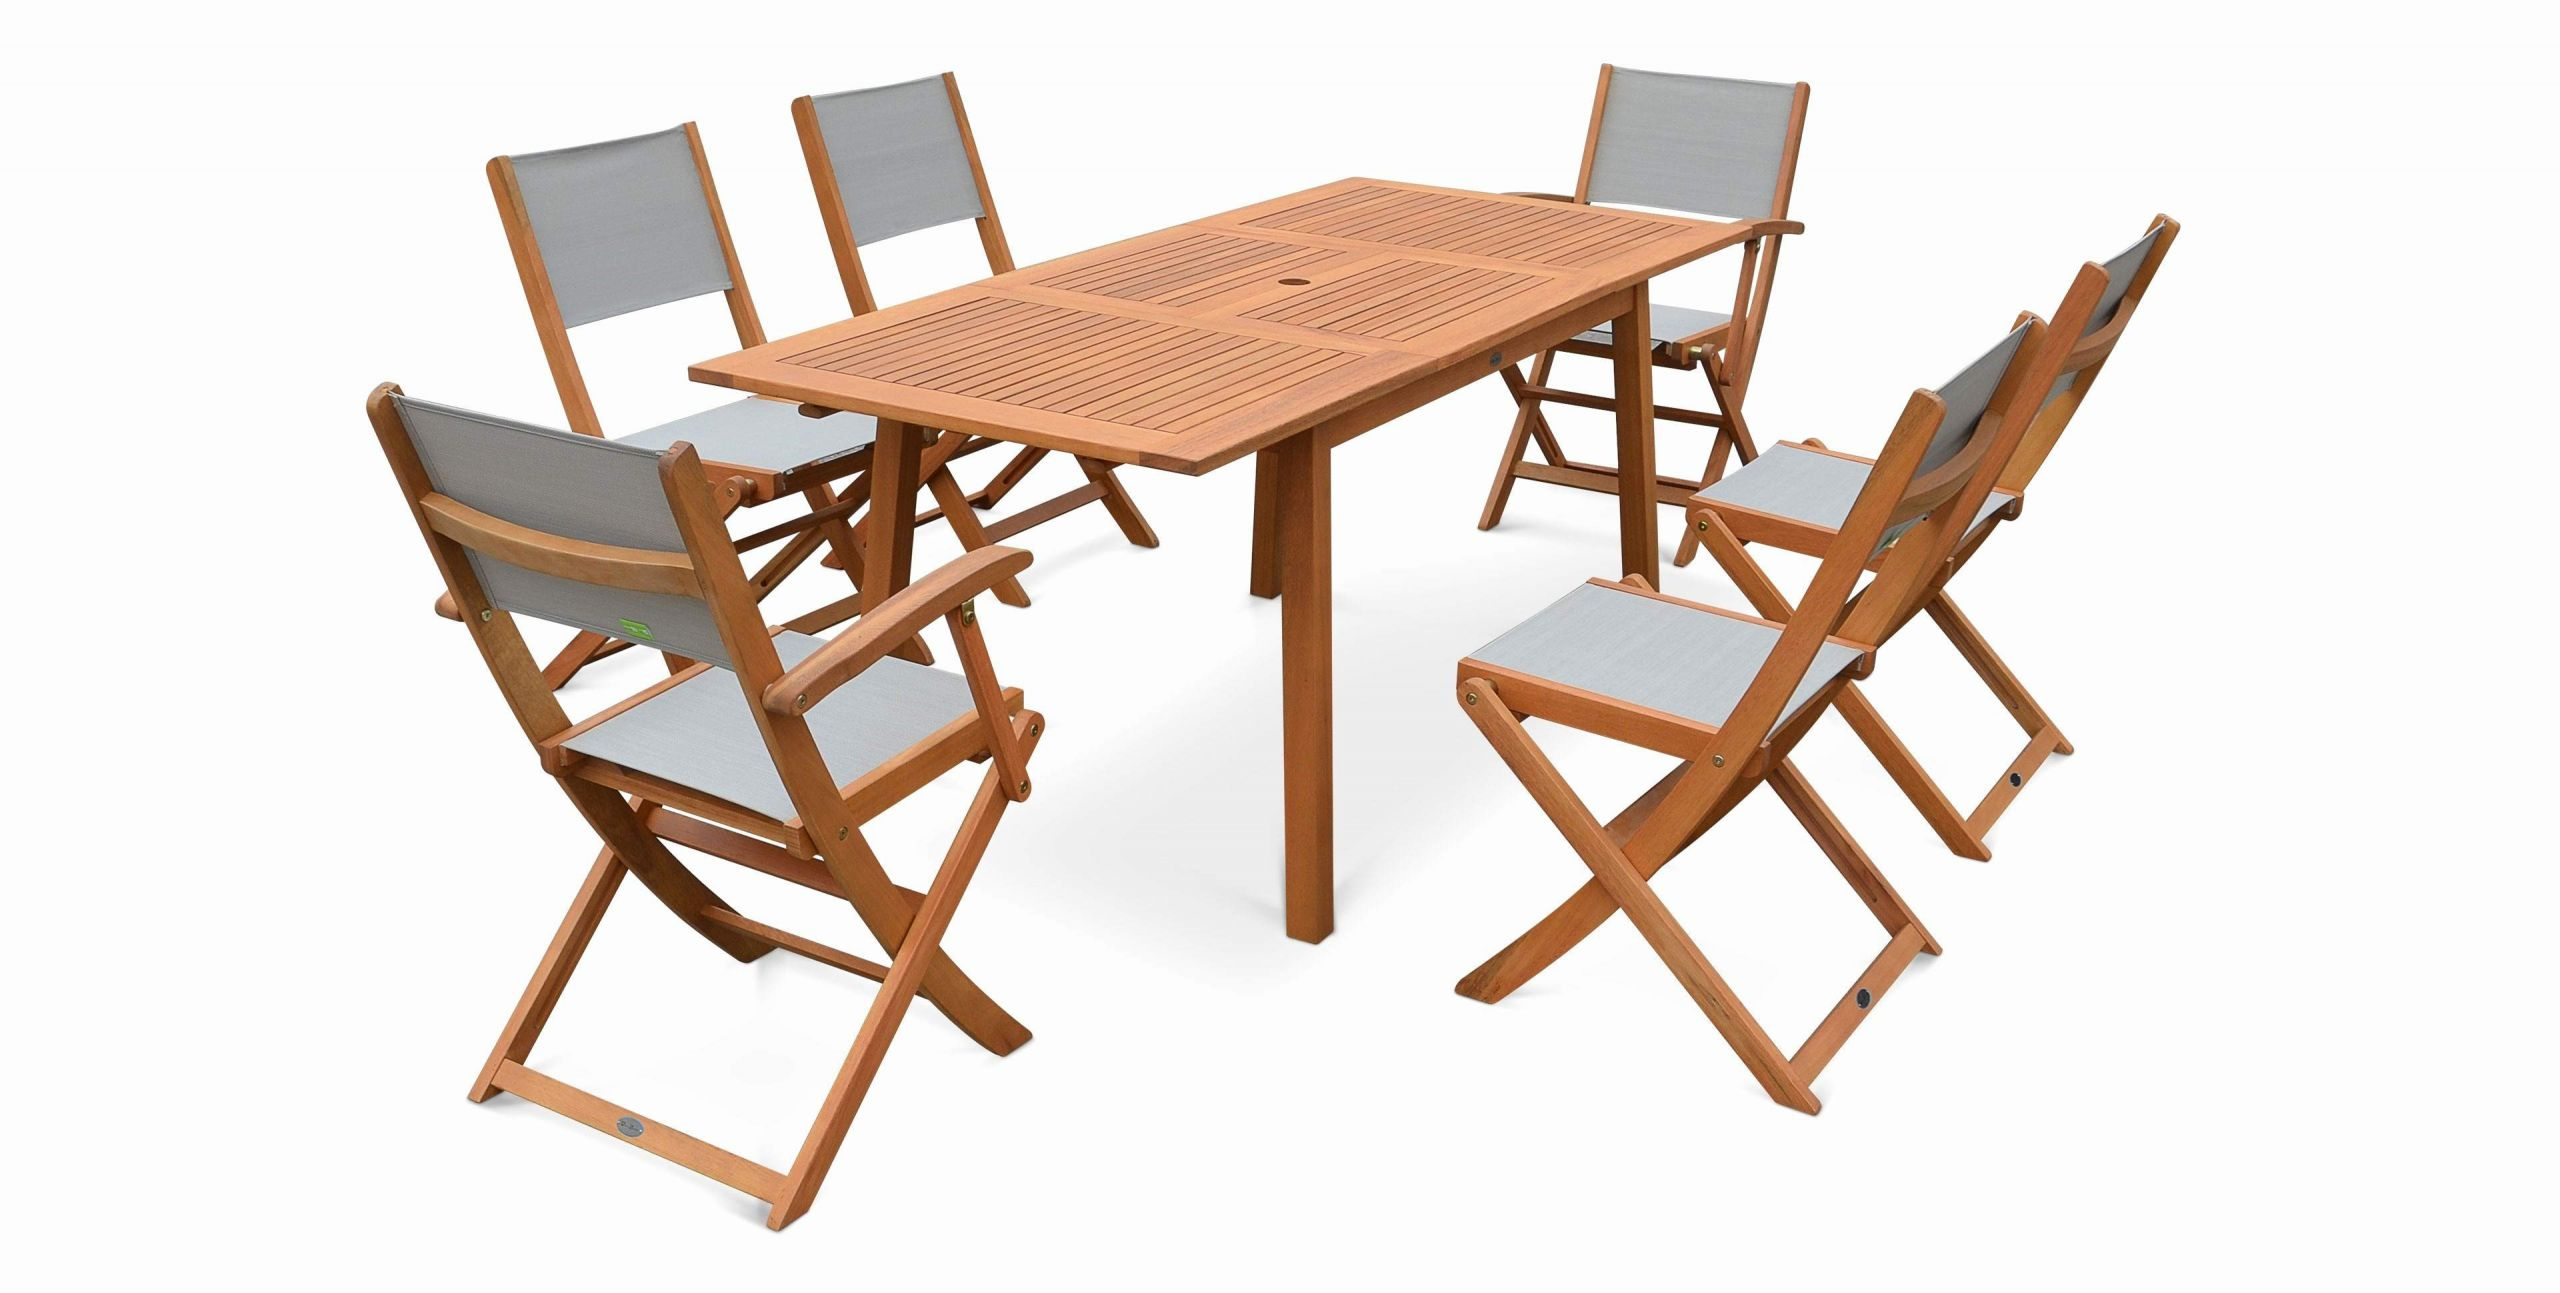 table et chaise de jardin en bois plus fauteuil de jardin bois of table et chaise de jardin en bois